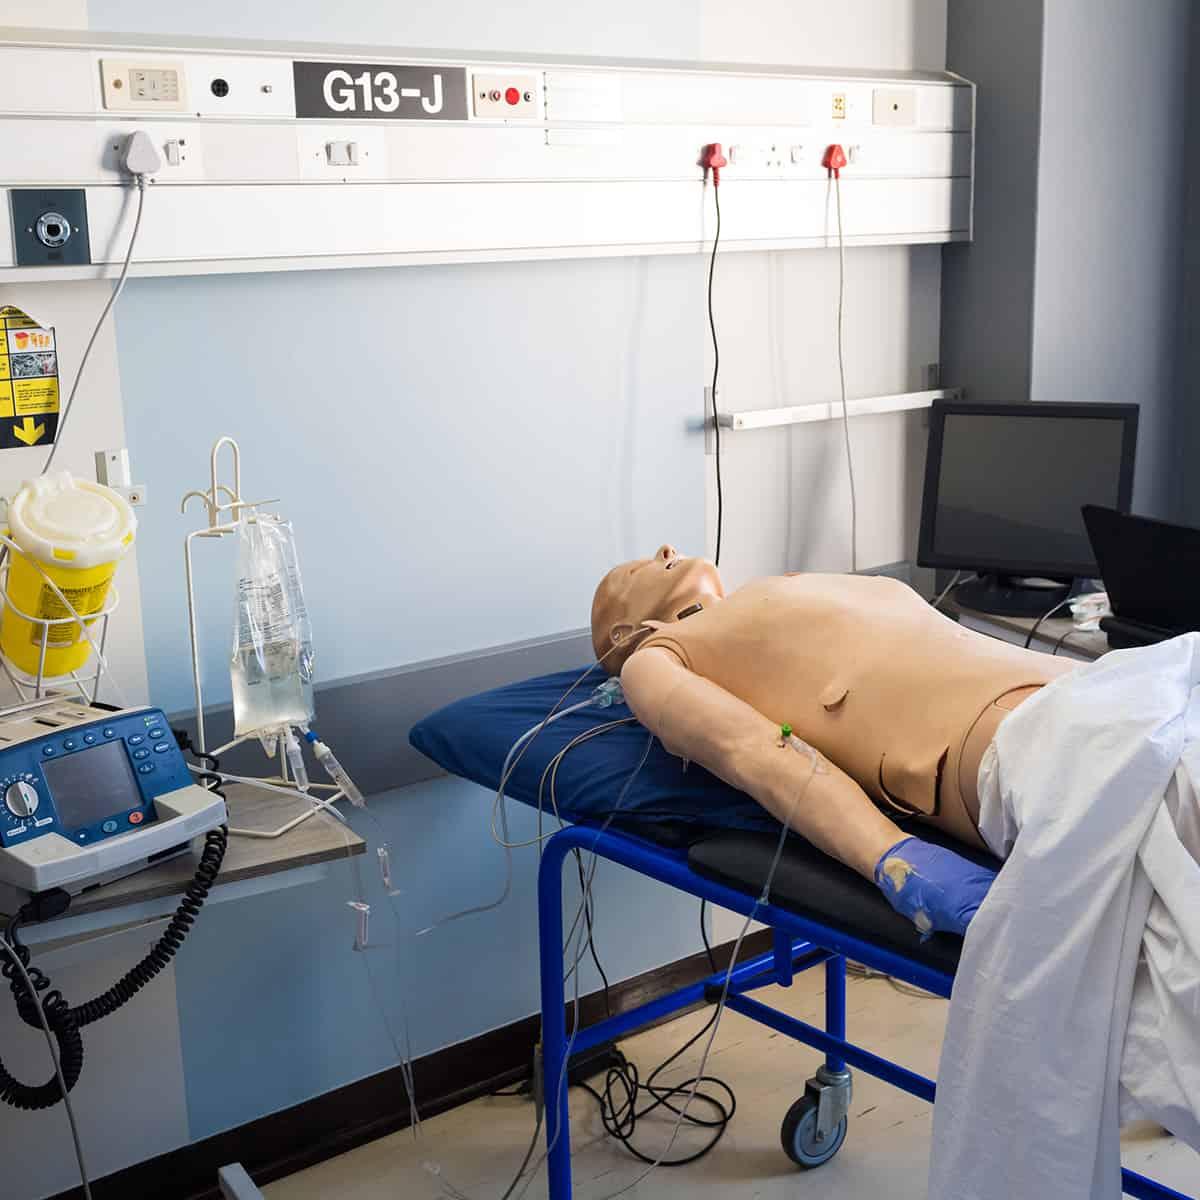 Hospital room simulation